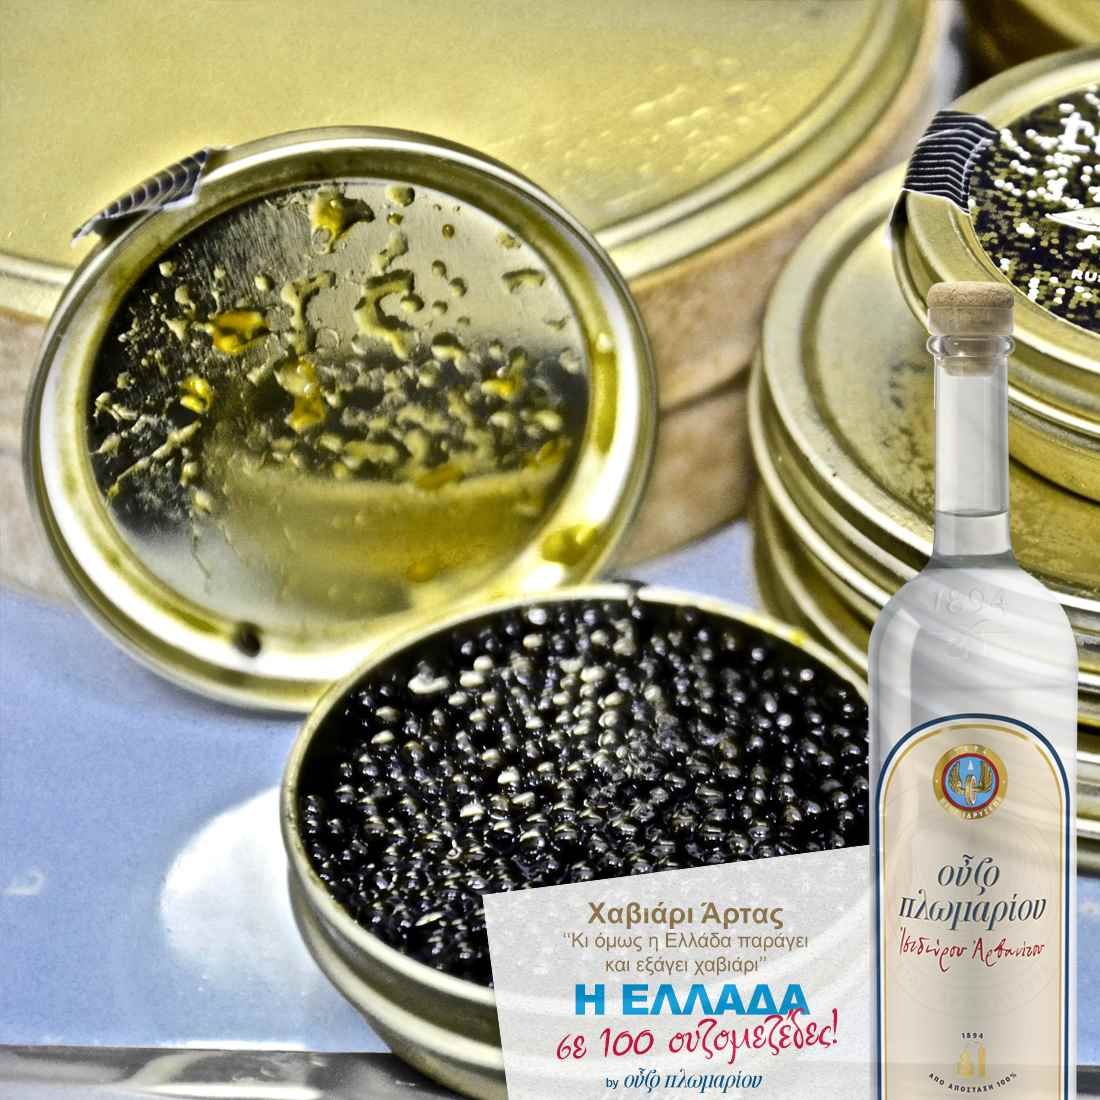 Χαβιάρι Άρτας - Ουζομεζέδες - Greek Gastronomy Guide